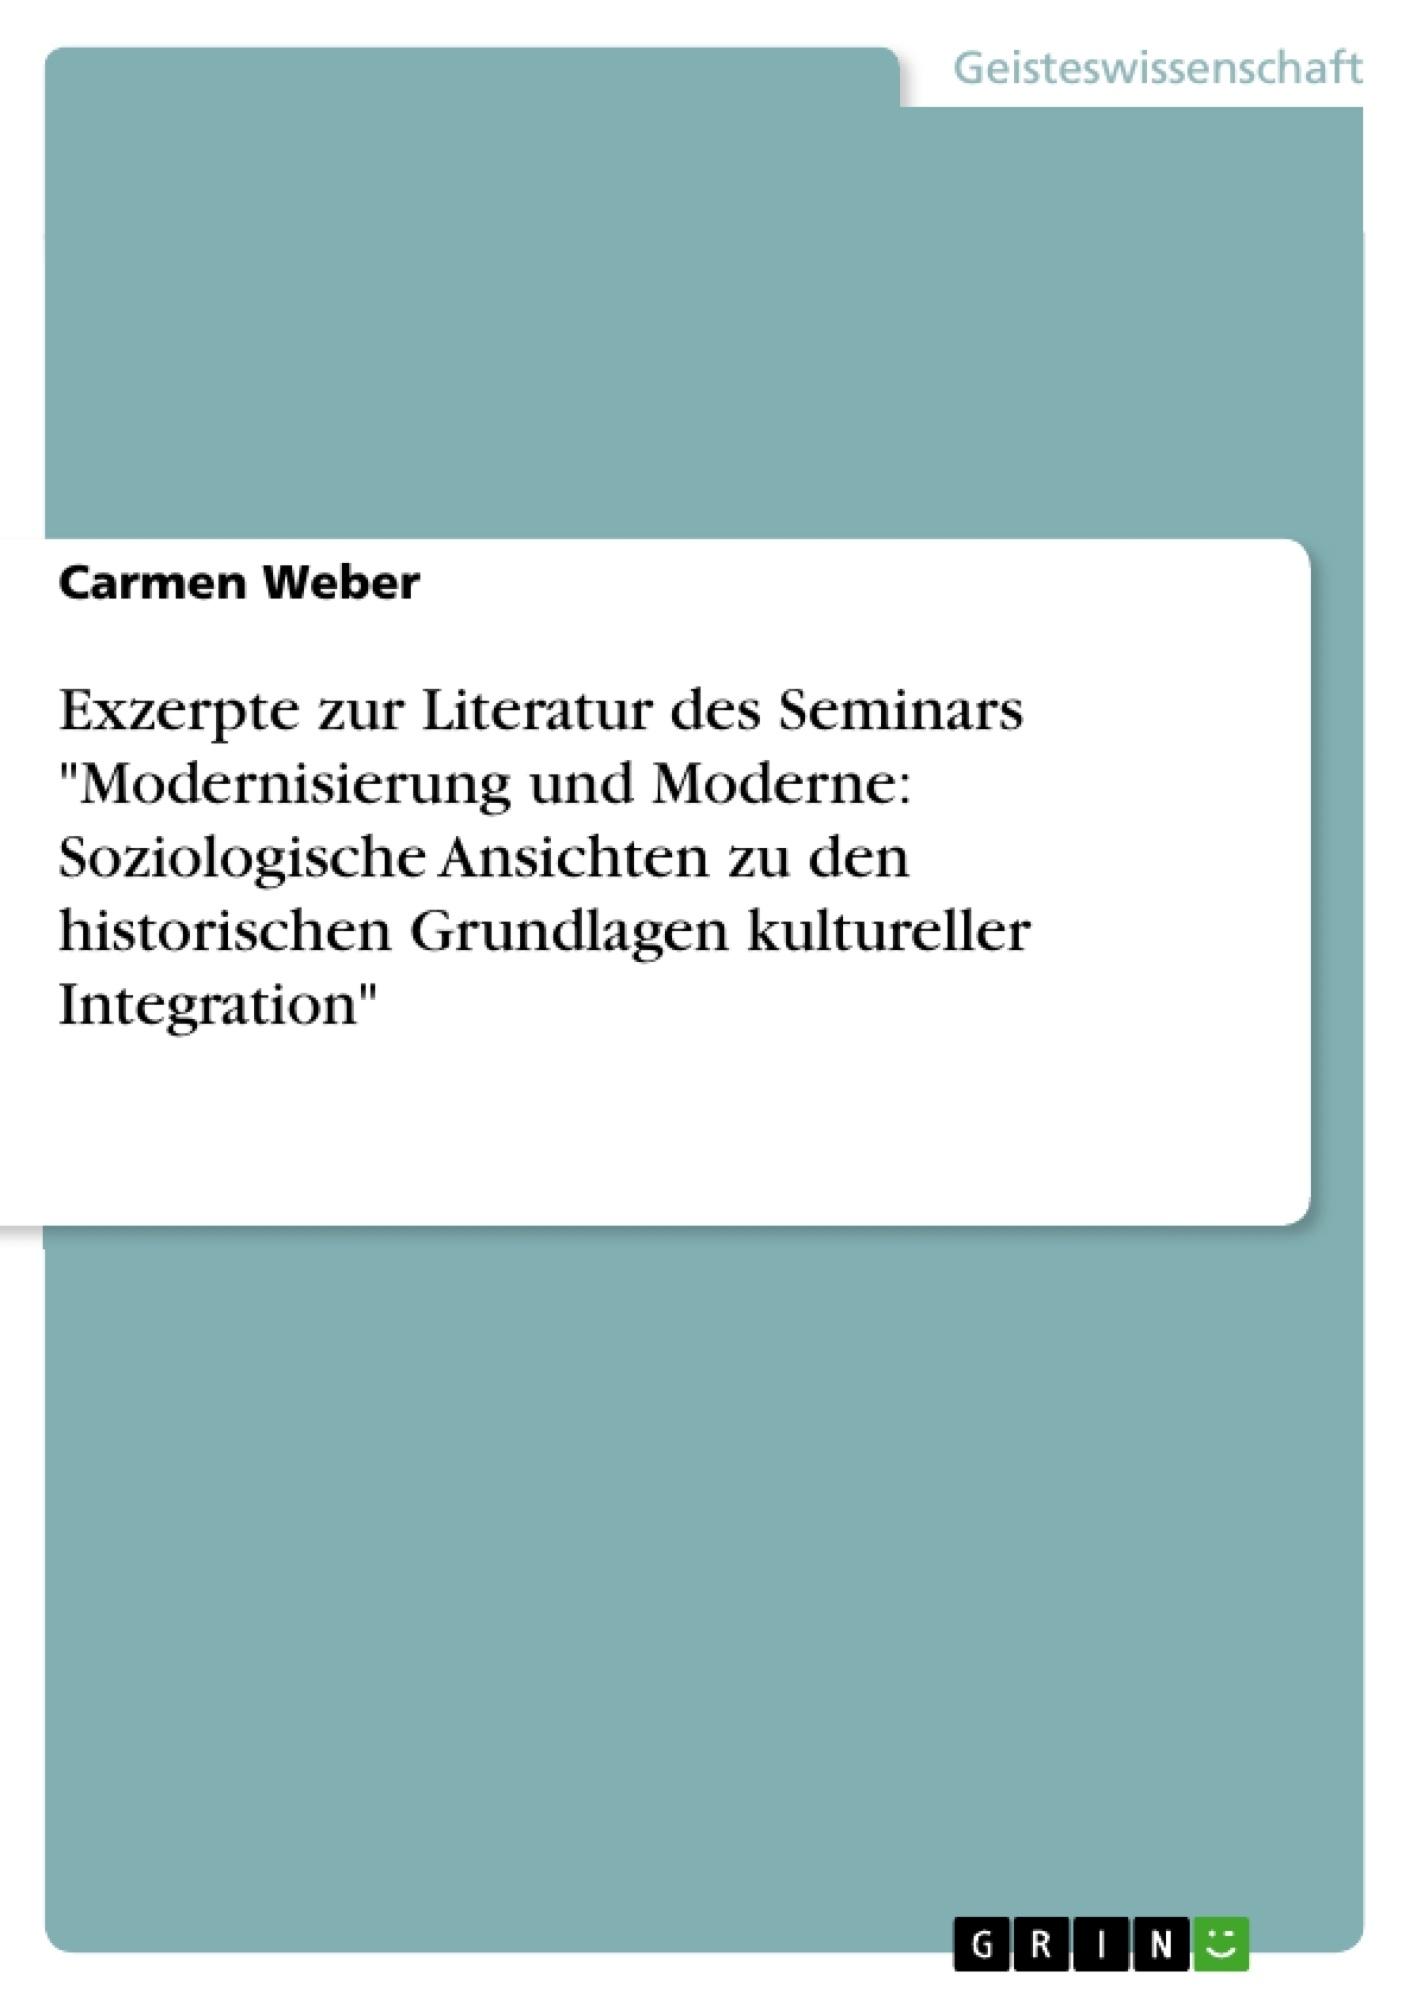 """Titel: Exzerpte zur Literatur des Seminars """"Modernisierung und Moderne: Soziologische Ansichten zu den historischen Grundlagen kultureller Integration"""""""